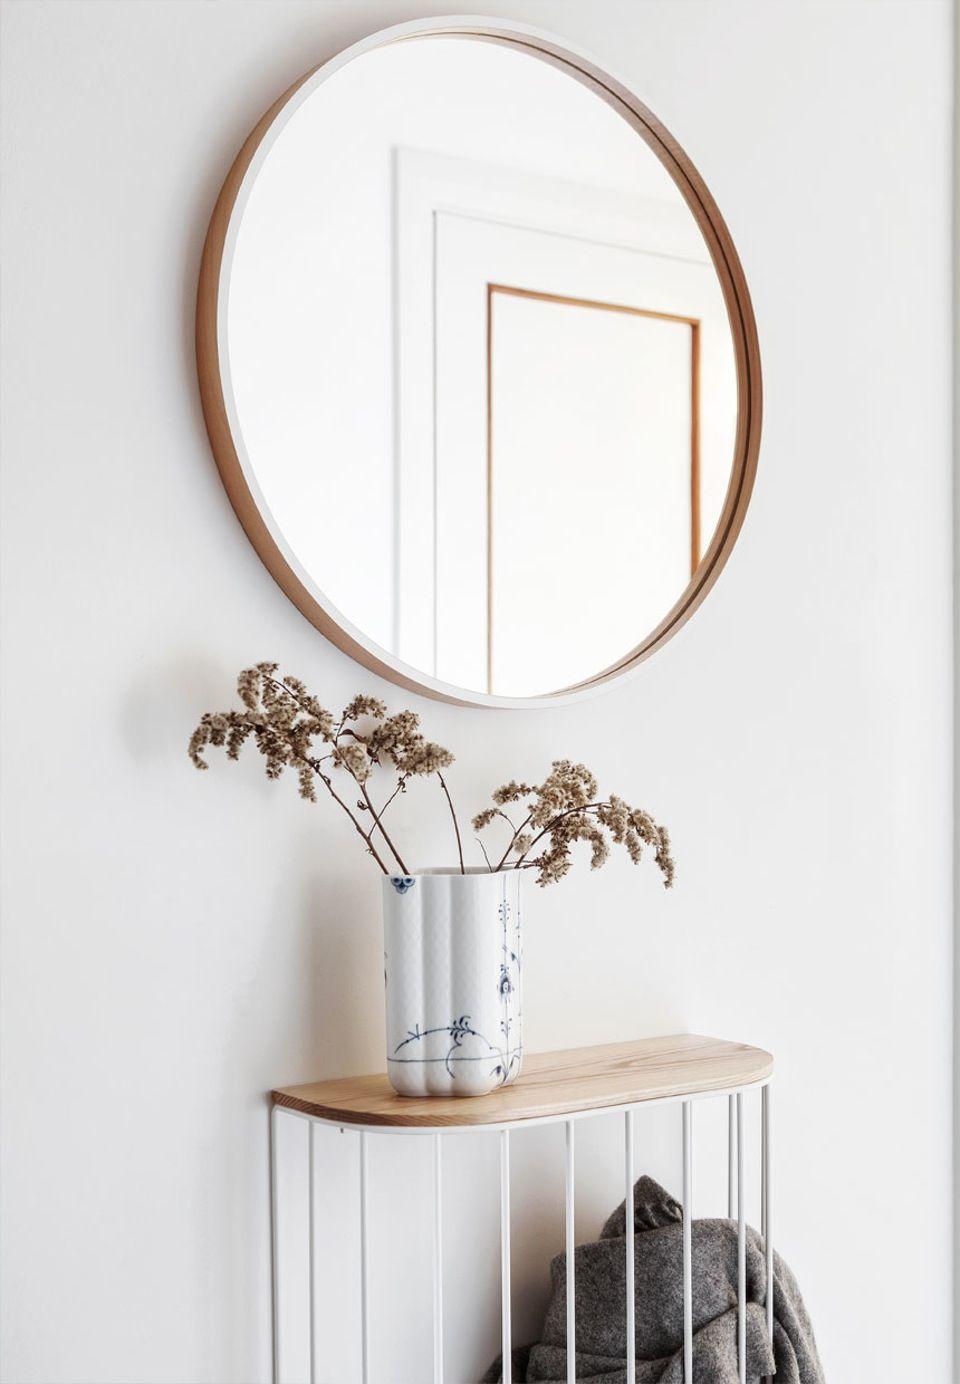 spejl entre entre trae rundt spejl johanne nygaard dueholm lejlighed aalb spejl entre